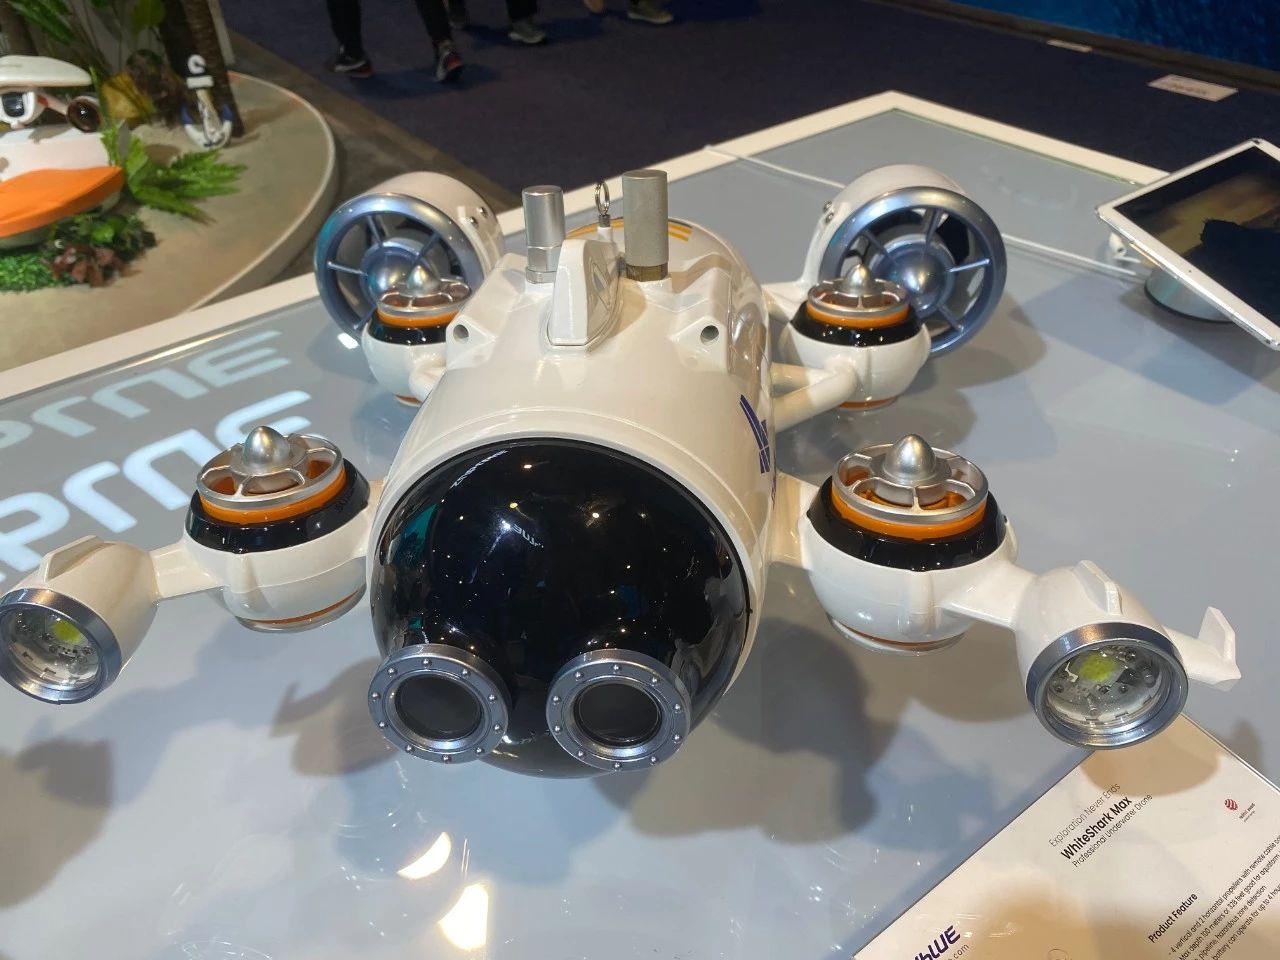 機器人的風向:一邊技術進化,一邊商業落地 | CES 2020